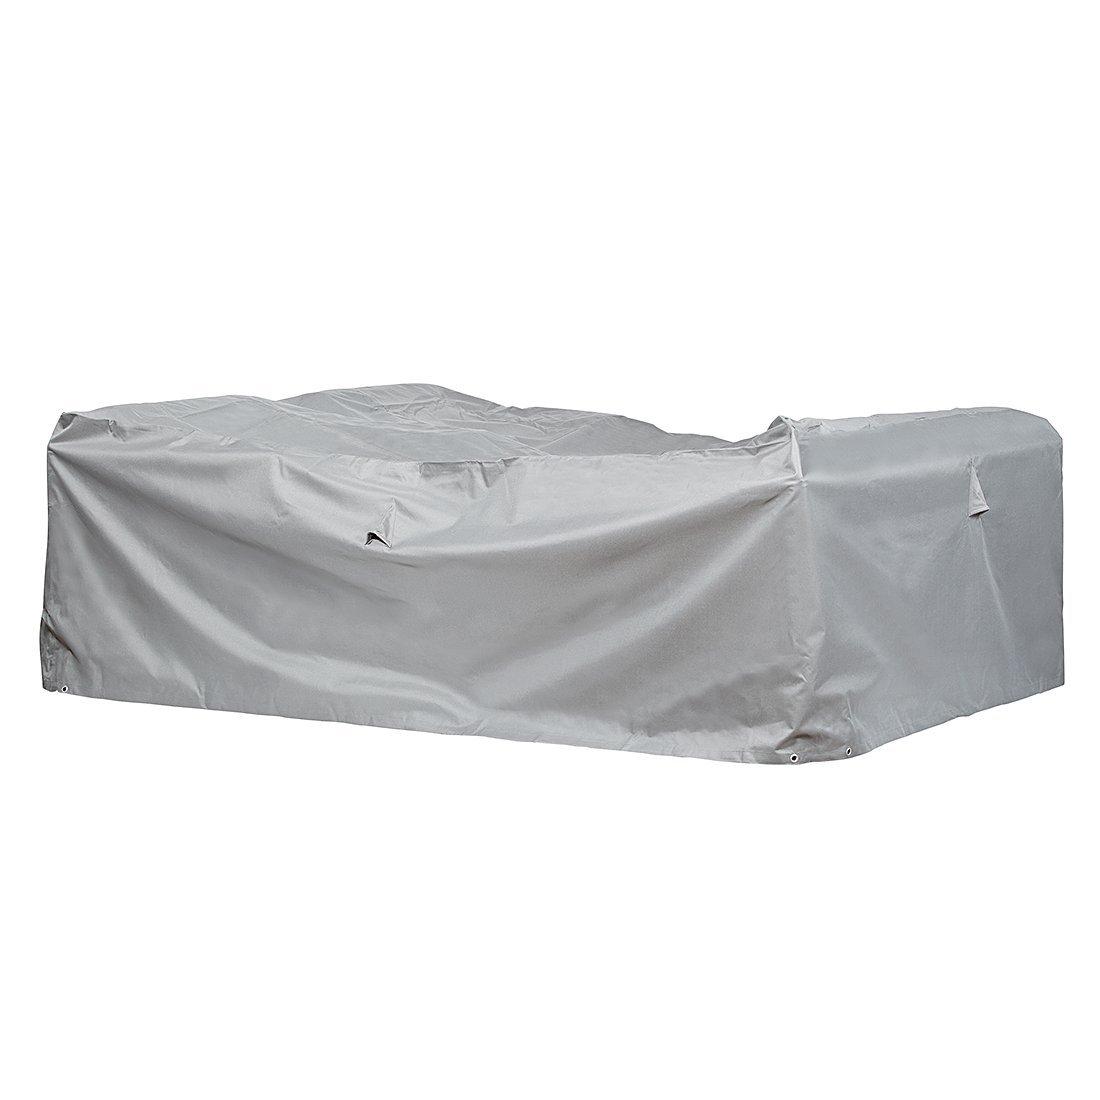 Amazon.de: Gartenmöbel Schutzhülle / Abdeckung - Premium L (230 x ...